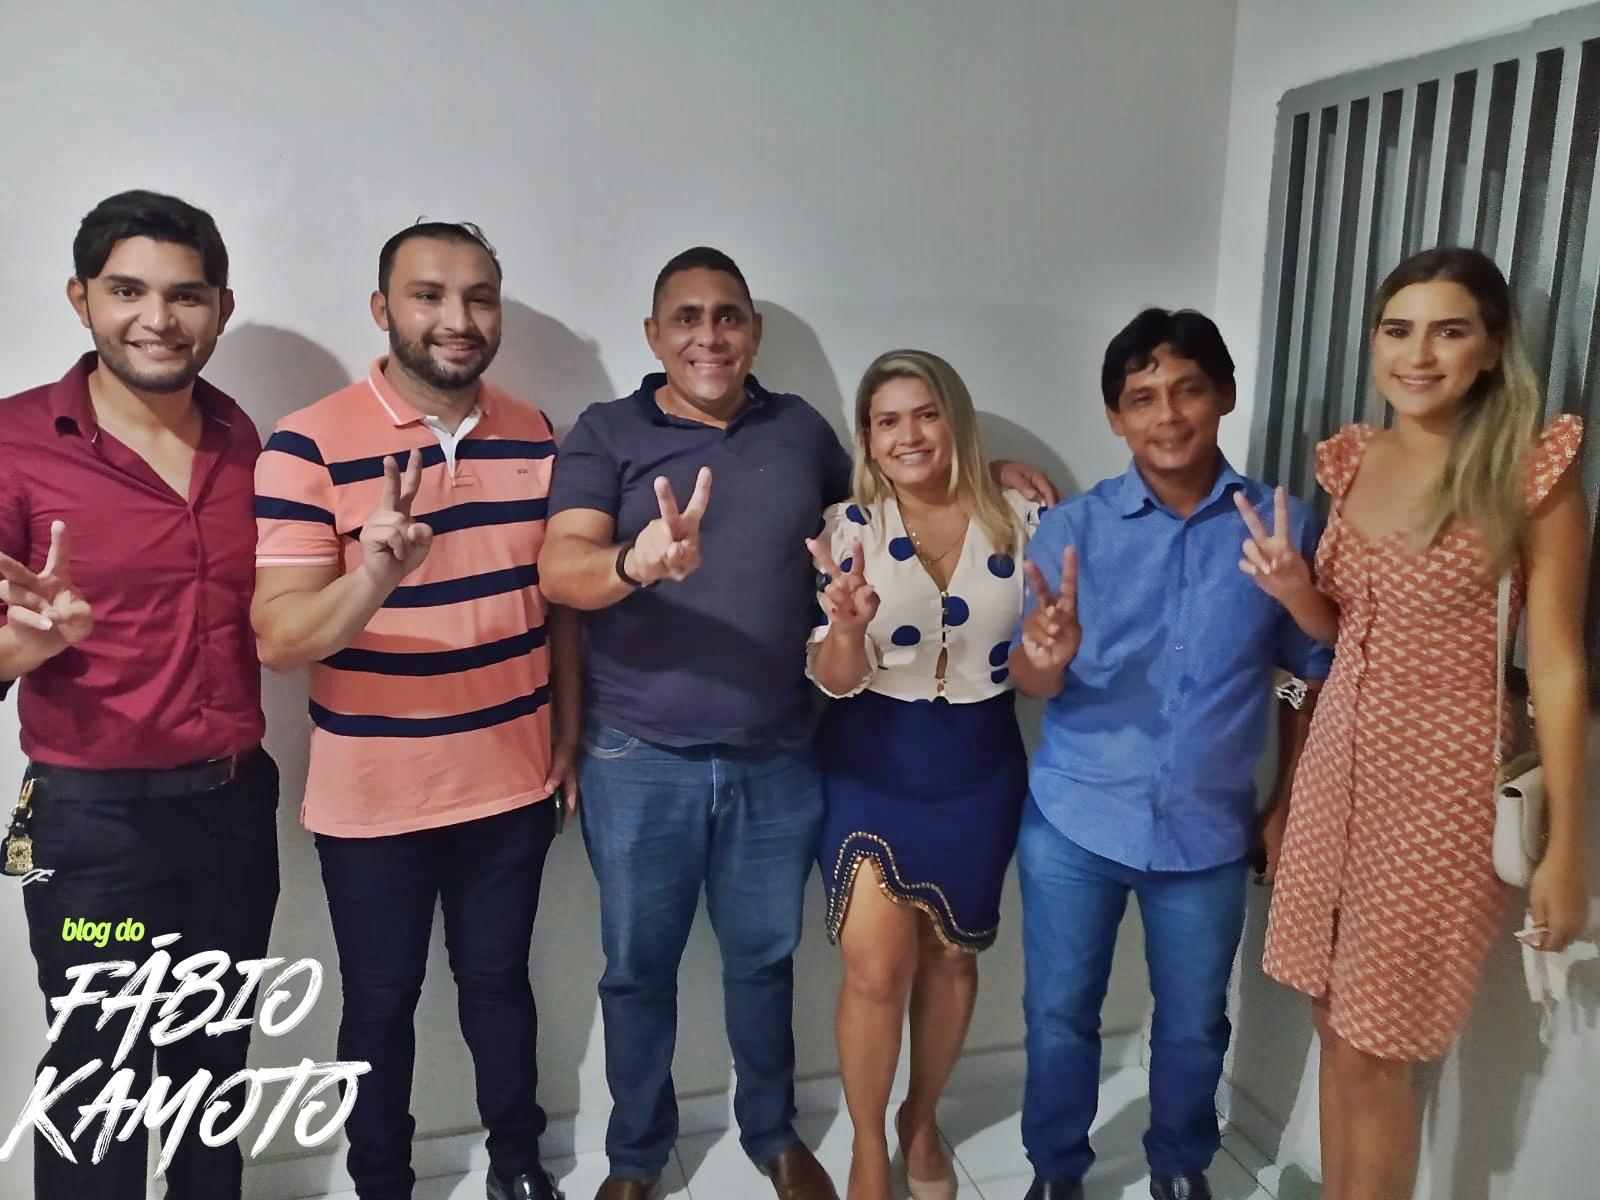 FELIPE3 - Vereador anuncia apoio a grupo governista na Câmara de Aparecida após deixar bloco de oposição